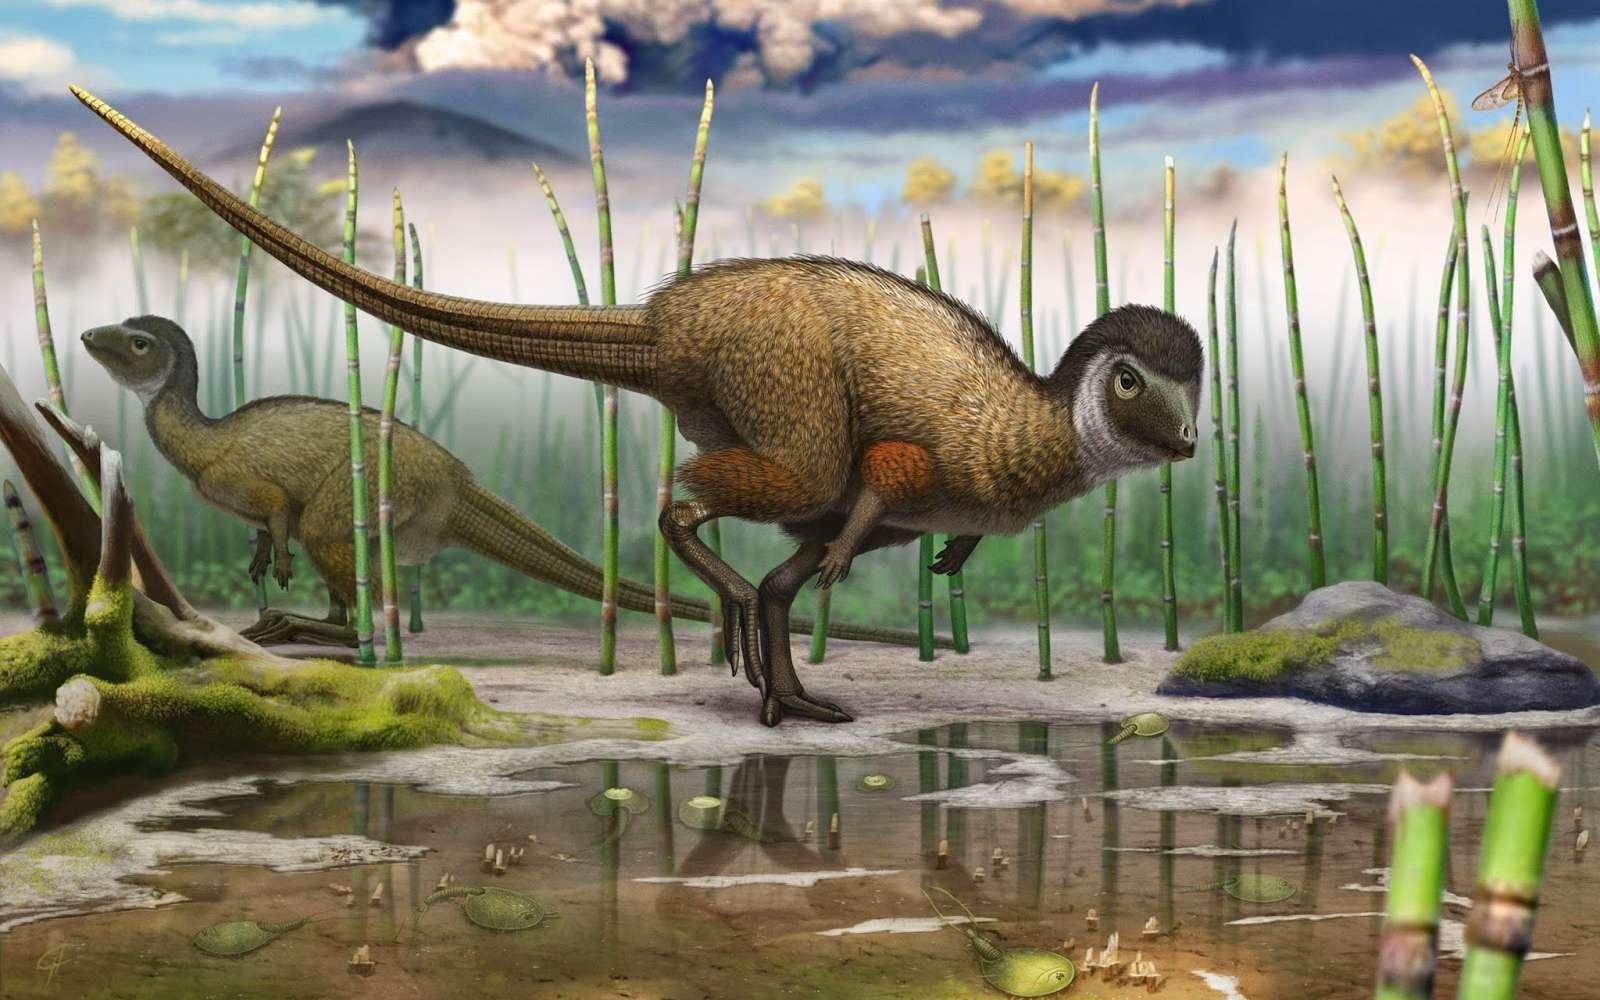 Décrit dans un article qui vient de paraître dans Science, Kulindadromeus zabaikalicus est le nouveau dinosaure exhumé à Kulinda, un site bordant la rivière Olov en Sibérie. © Institut royal des Sciences naturelles de Belgique, Andrey Atuchin